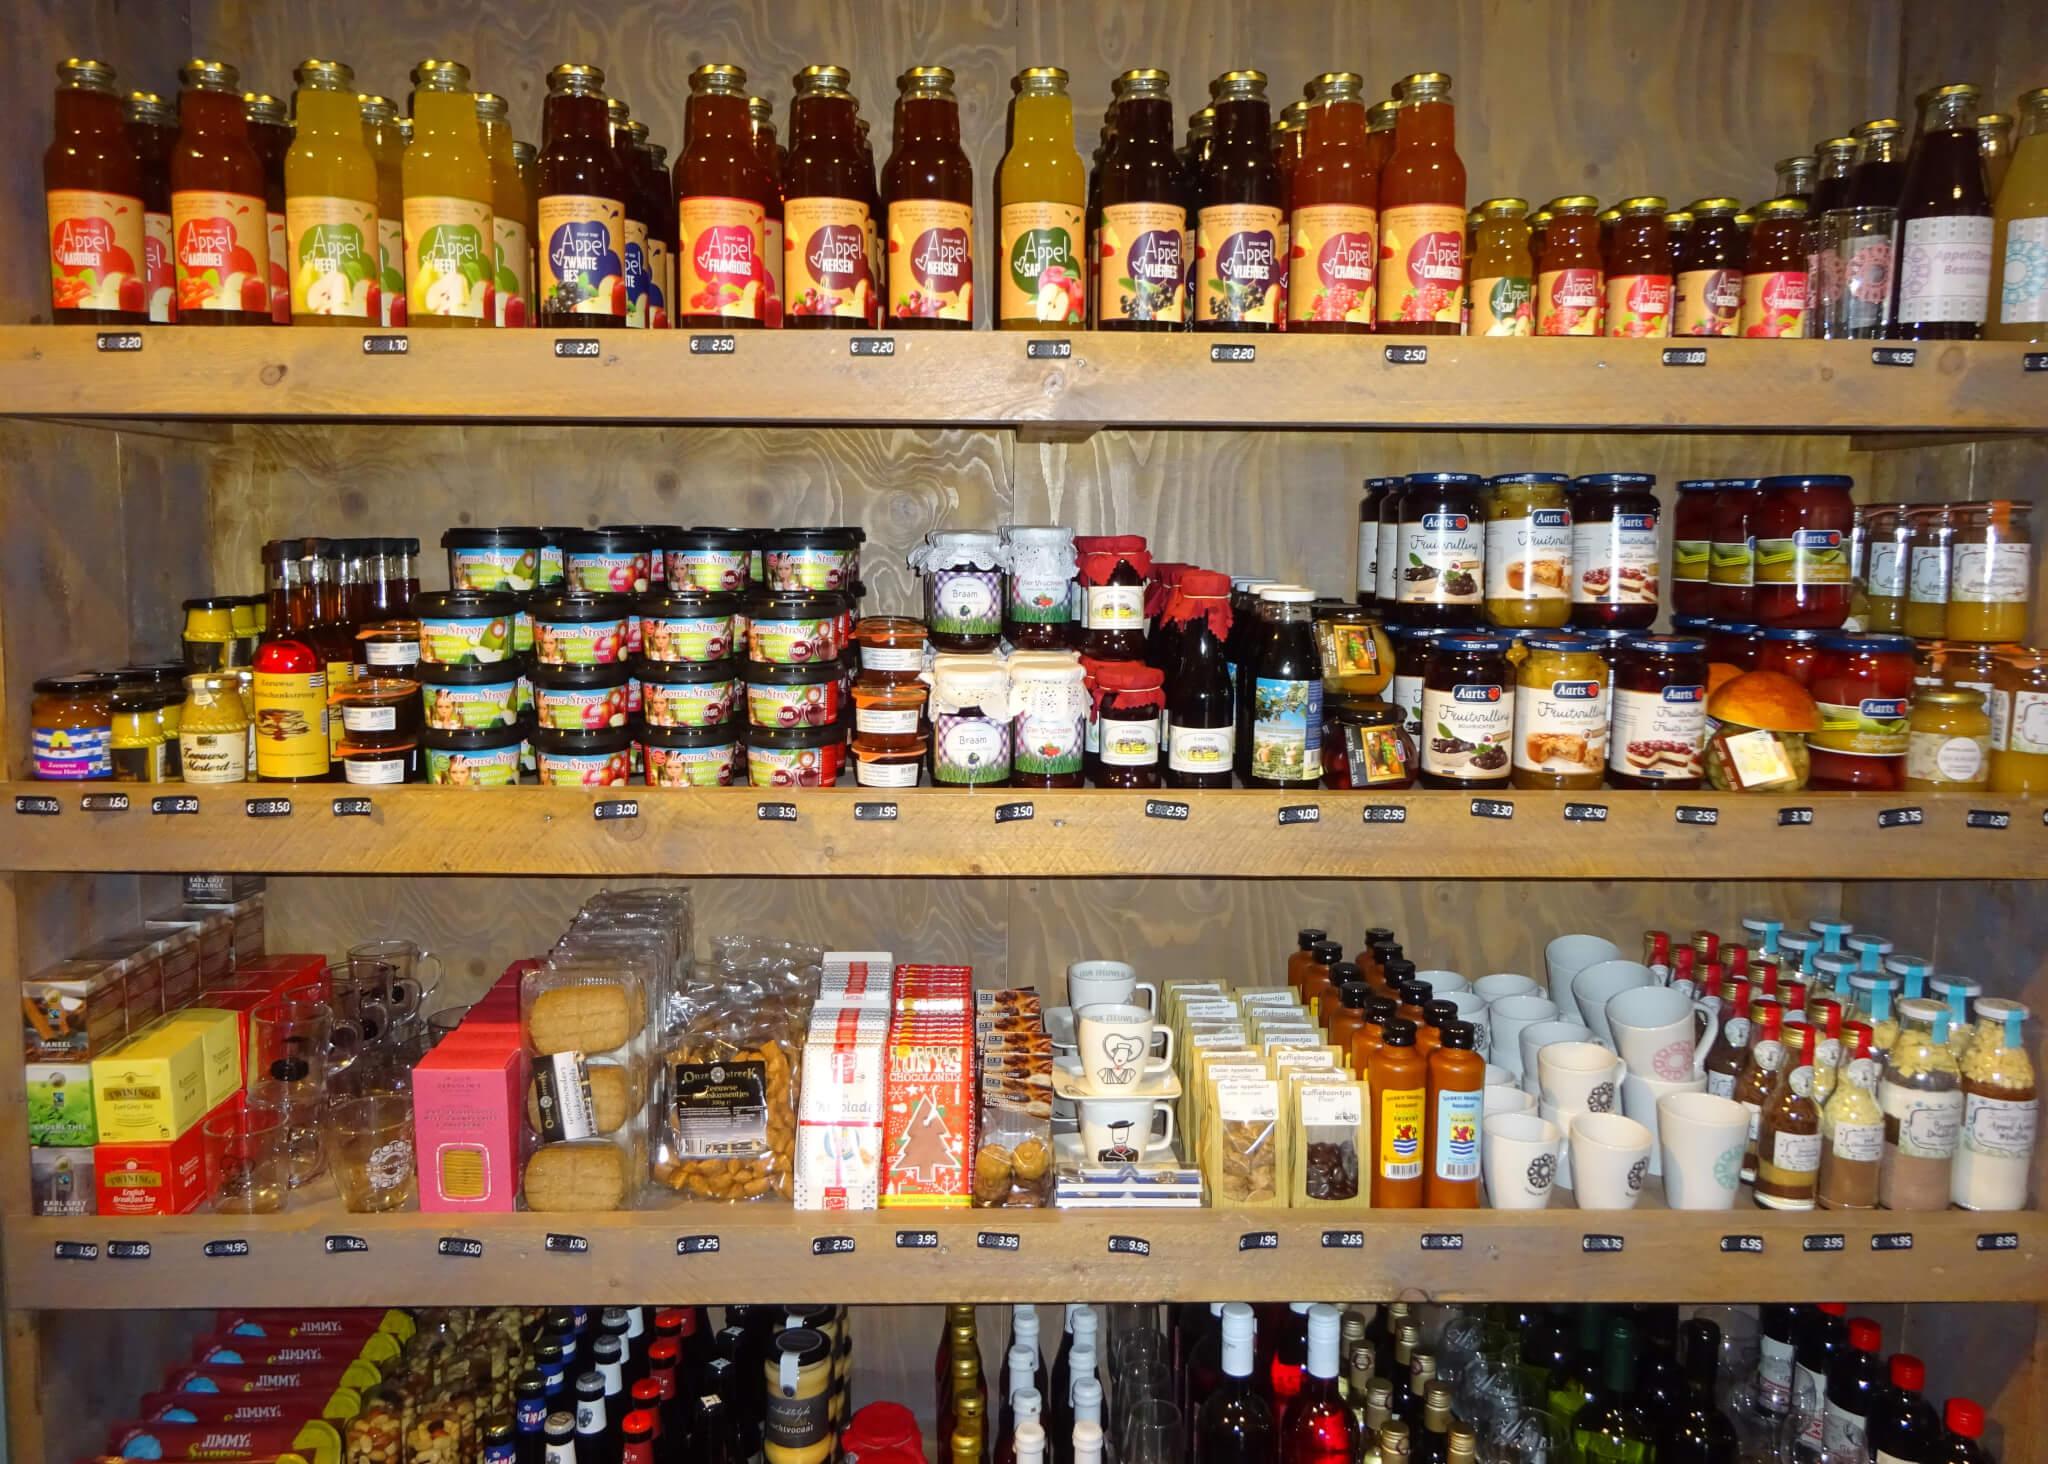 Fruitbedrijf Van den Berge 27102018 05